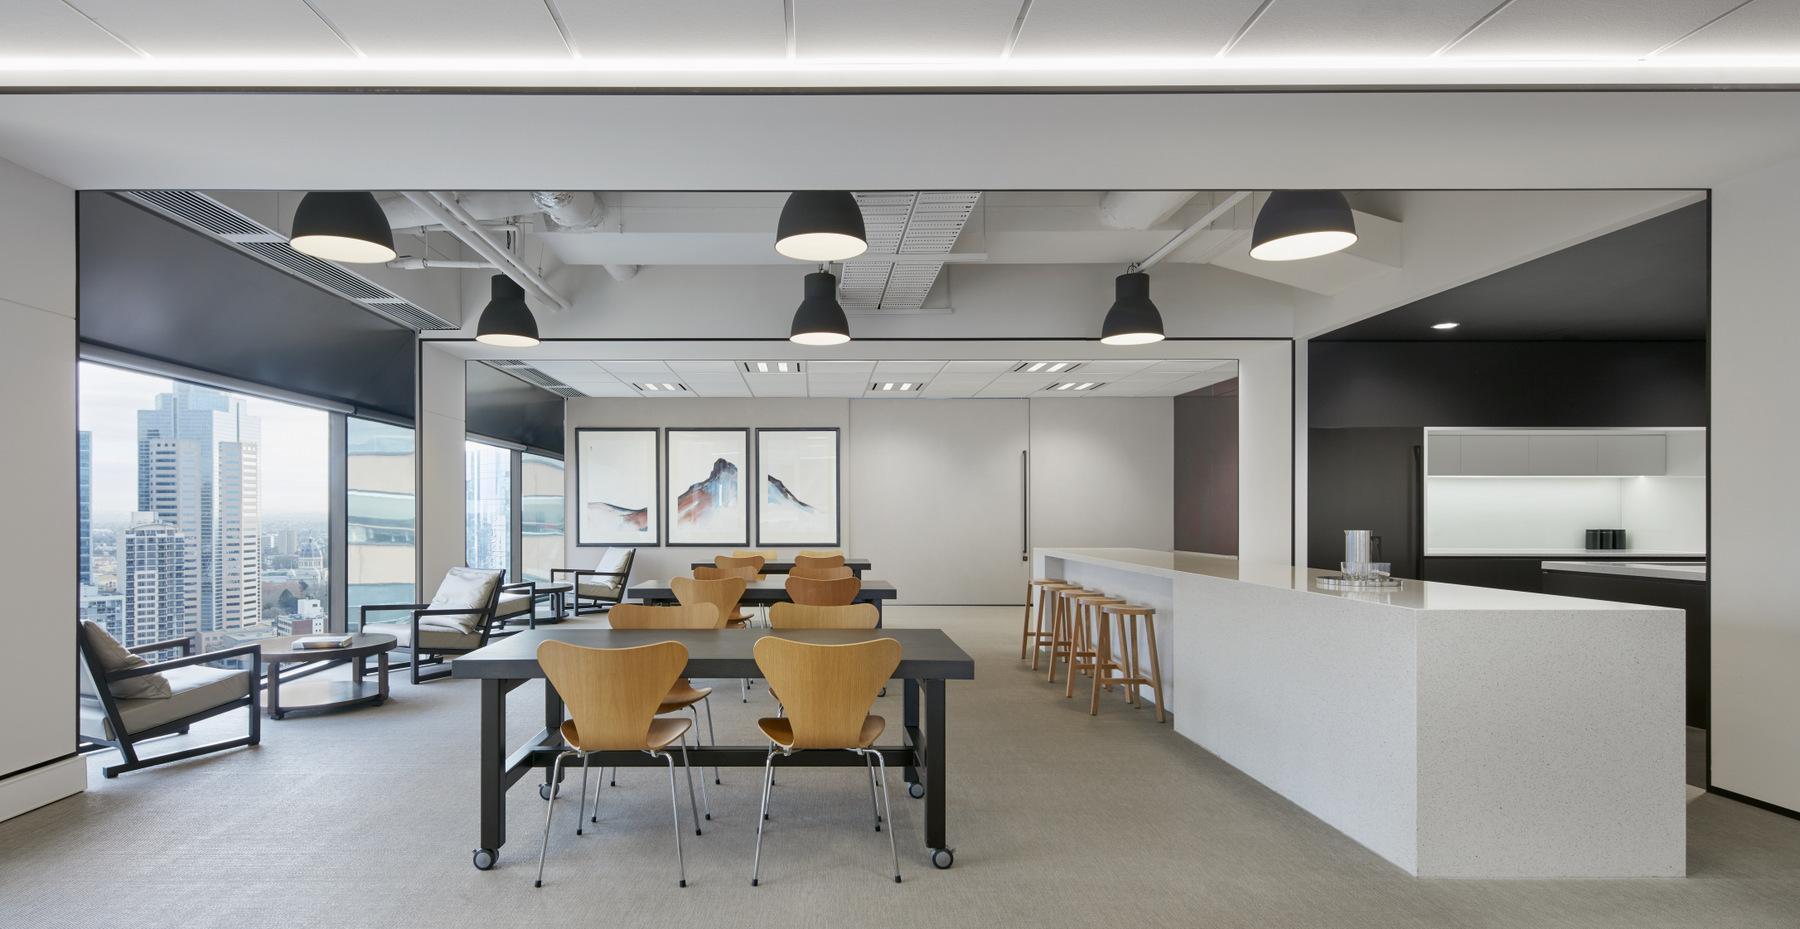 Tư vấn thiết kế nội thất văn phòng hiện đại sang trọng